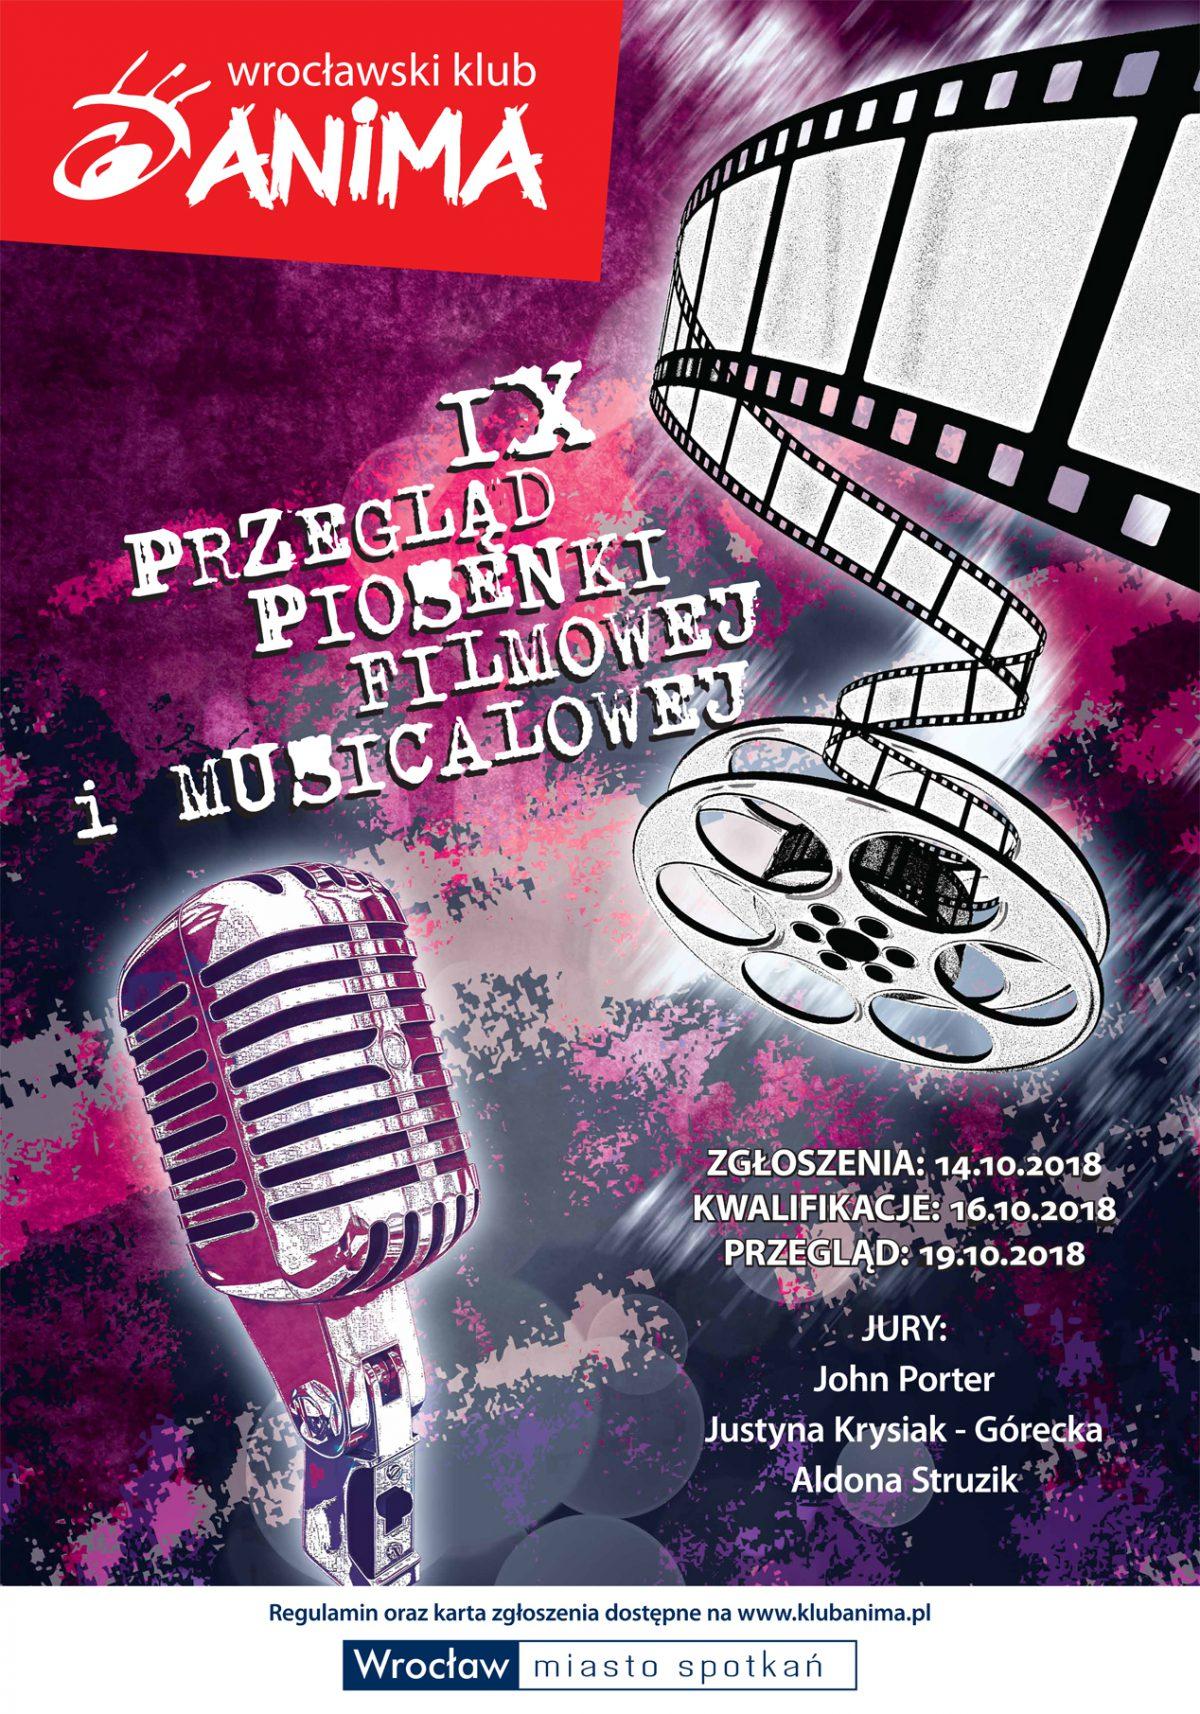 IX Przegląd piosenki filmowej i musicalowej